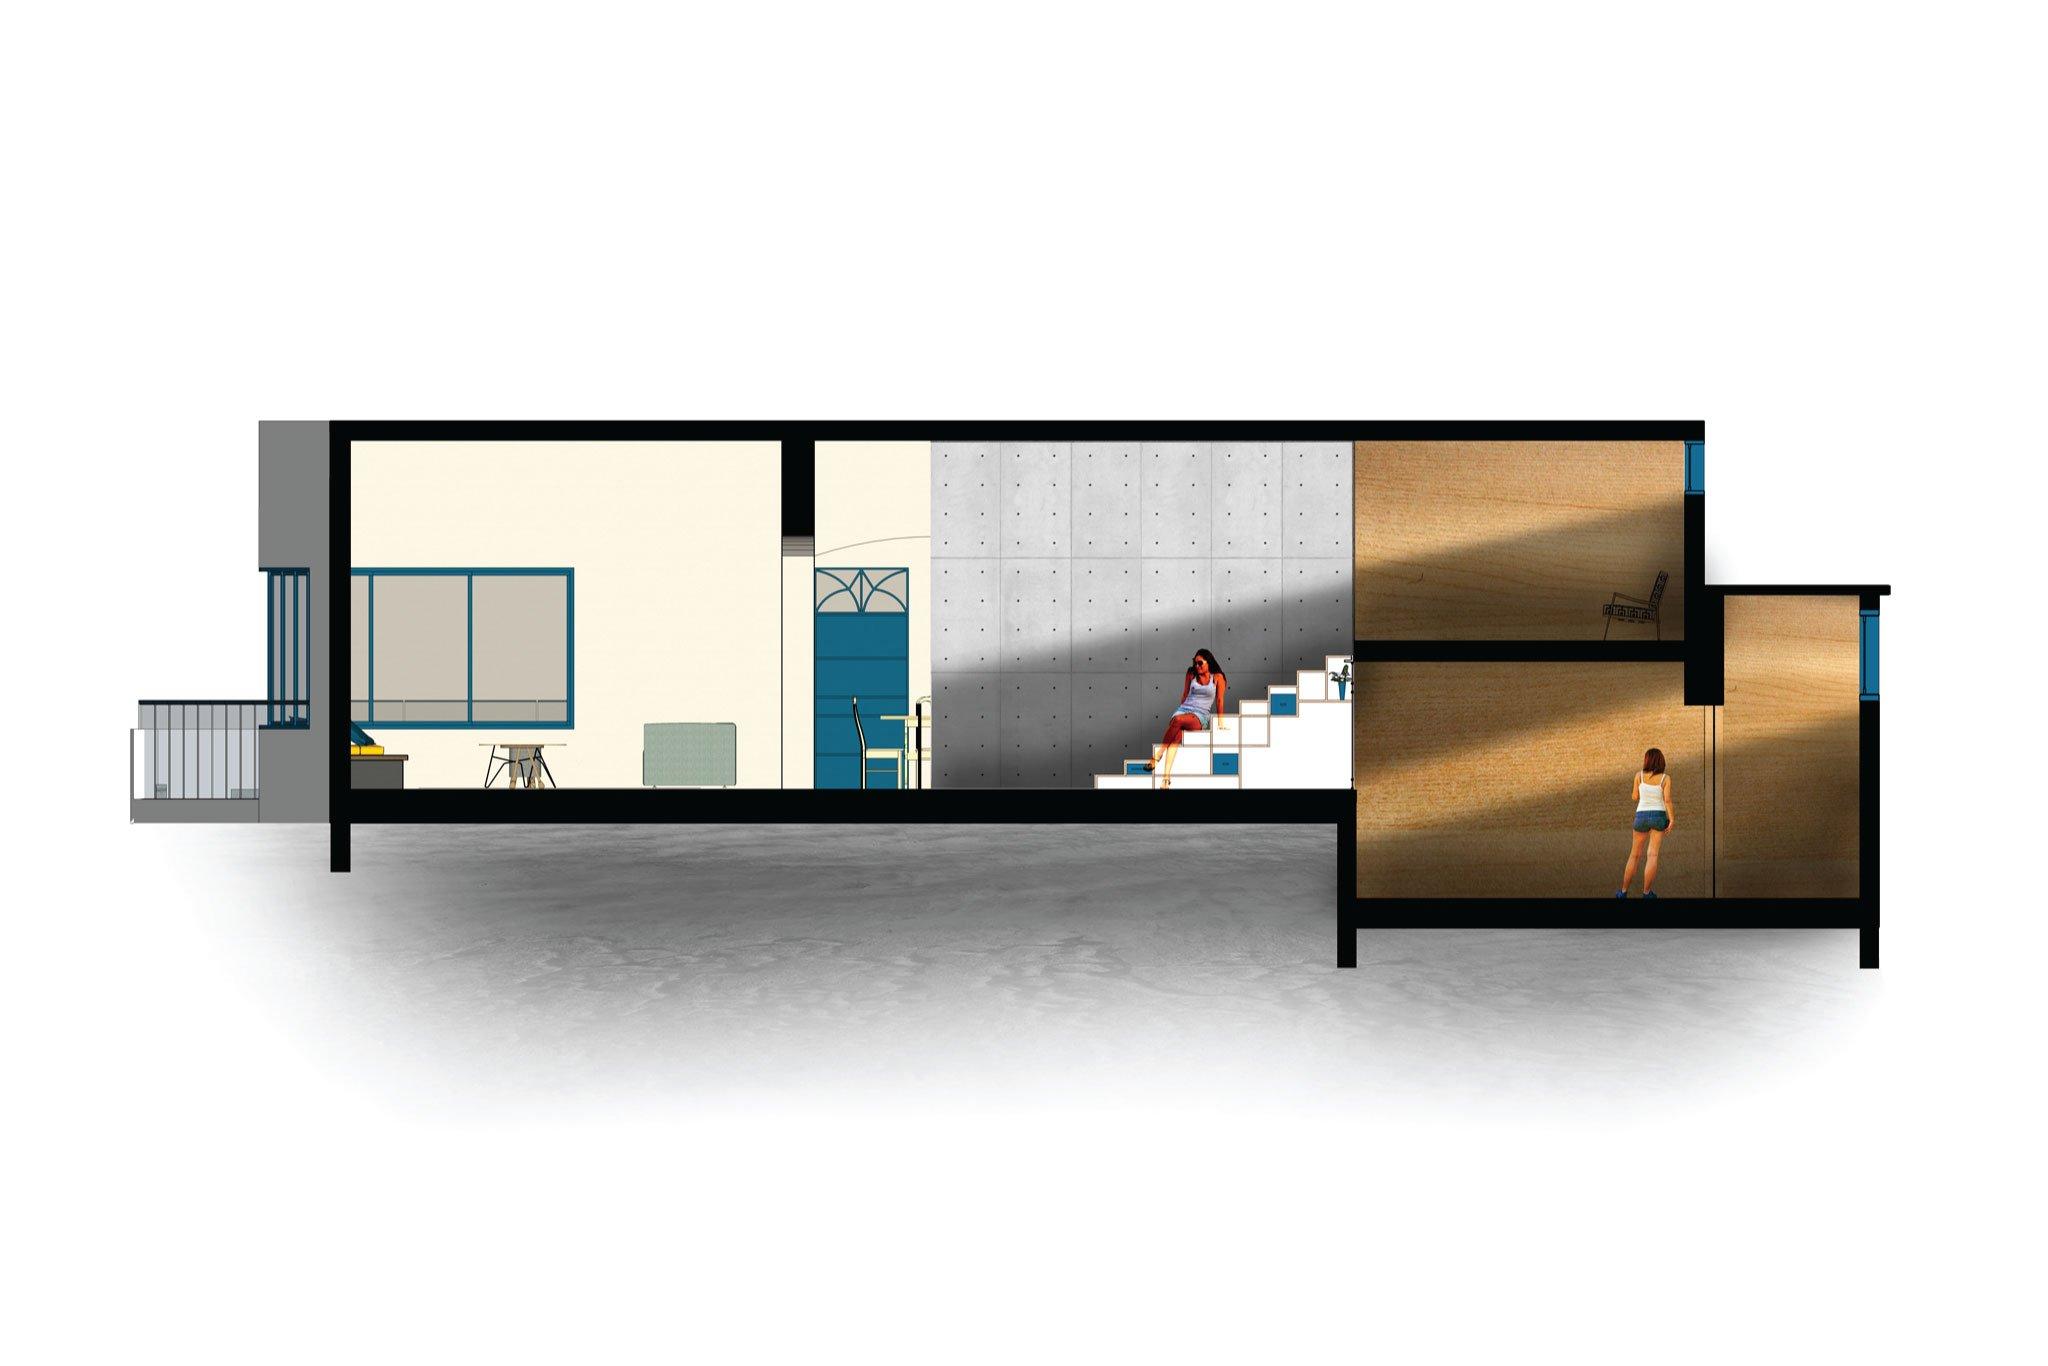 חתך אדריכלי- הבית ביפו